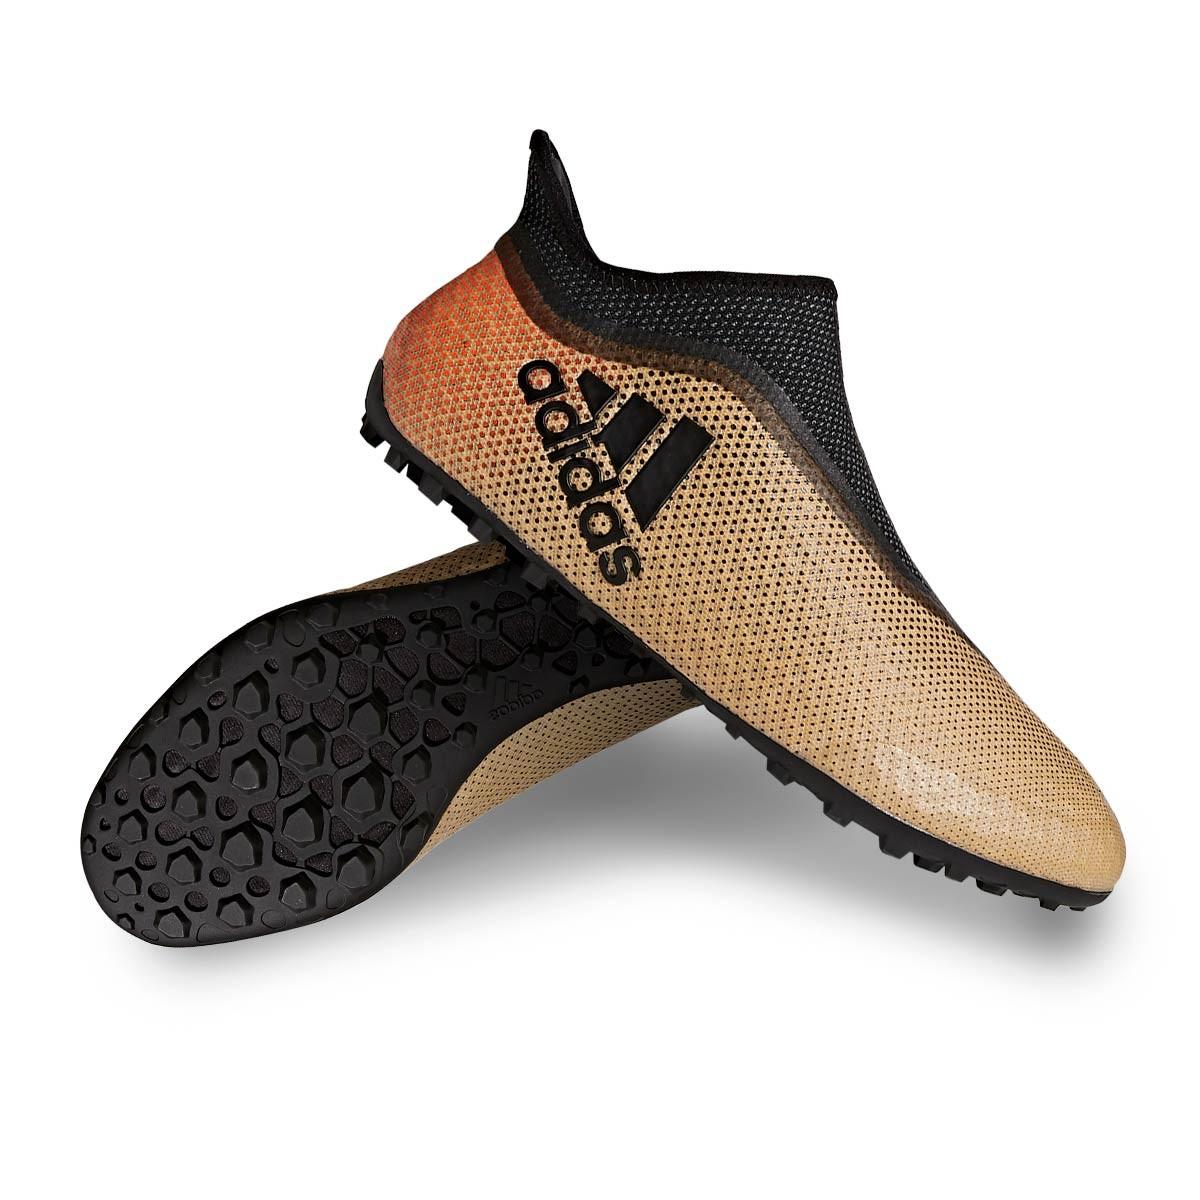 best sneakers 020e5 c1fb9 Categorías de la Zapatilla de fútbol. Fútbol sala · Zapatillas futsal ·  Zapatillas futsal adidas